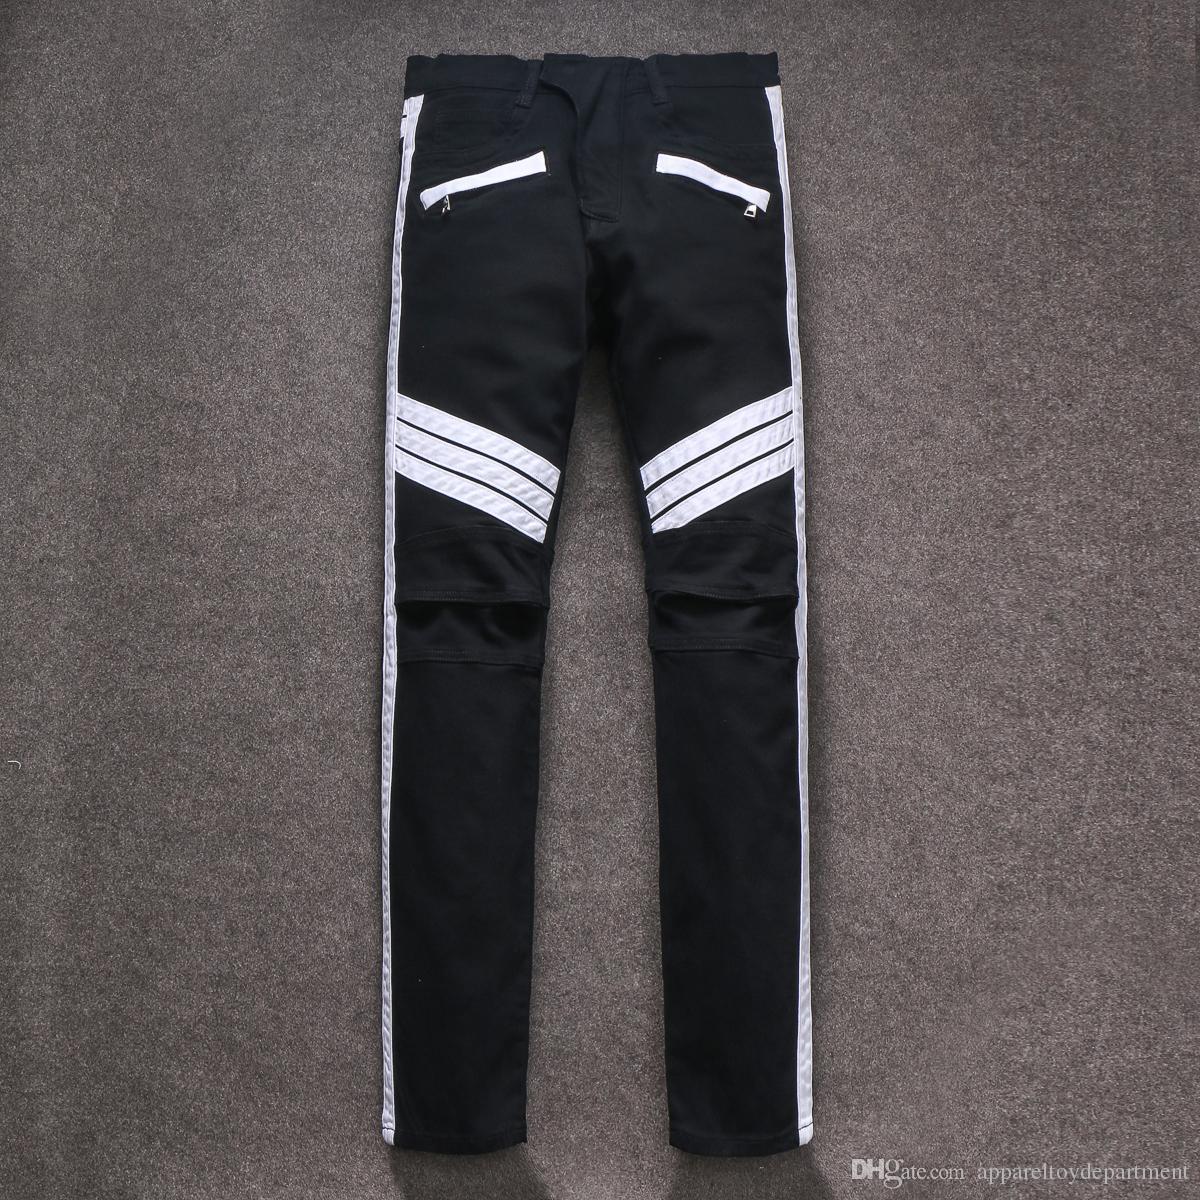 91b3b40691 BALMAIN jeans men High quality men's fashion black jeans swag Stripe  splicing hole jeans white striped pants David Beckham style